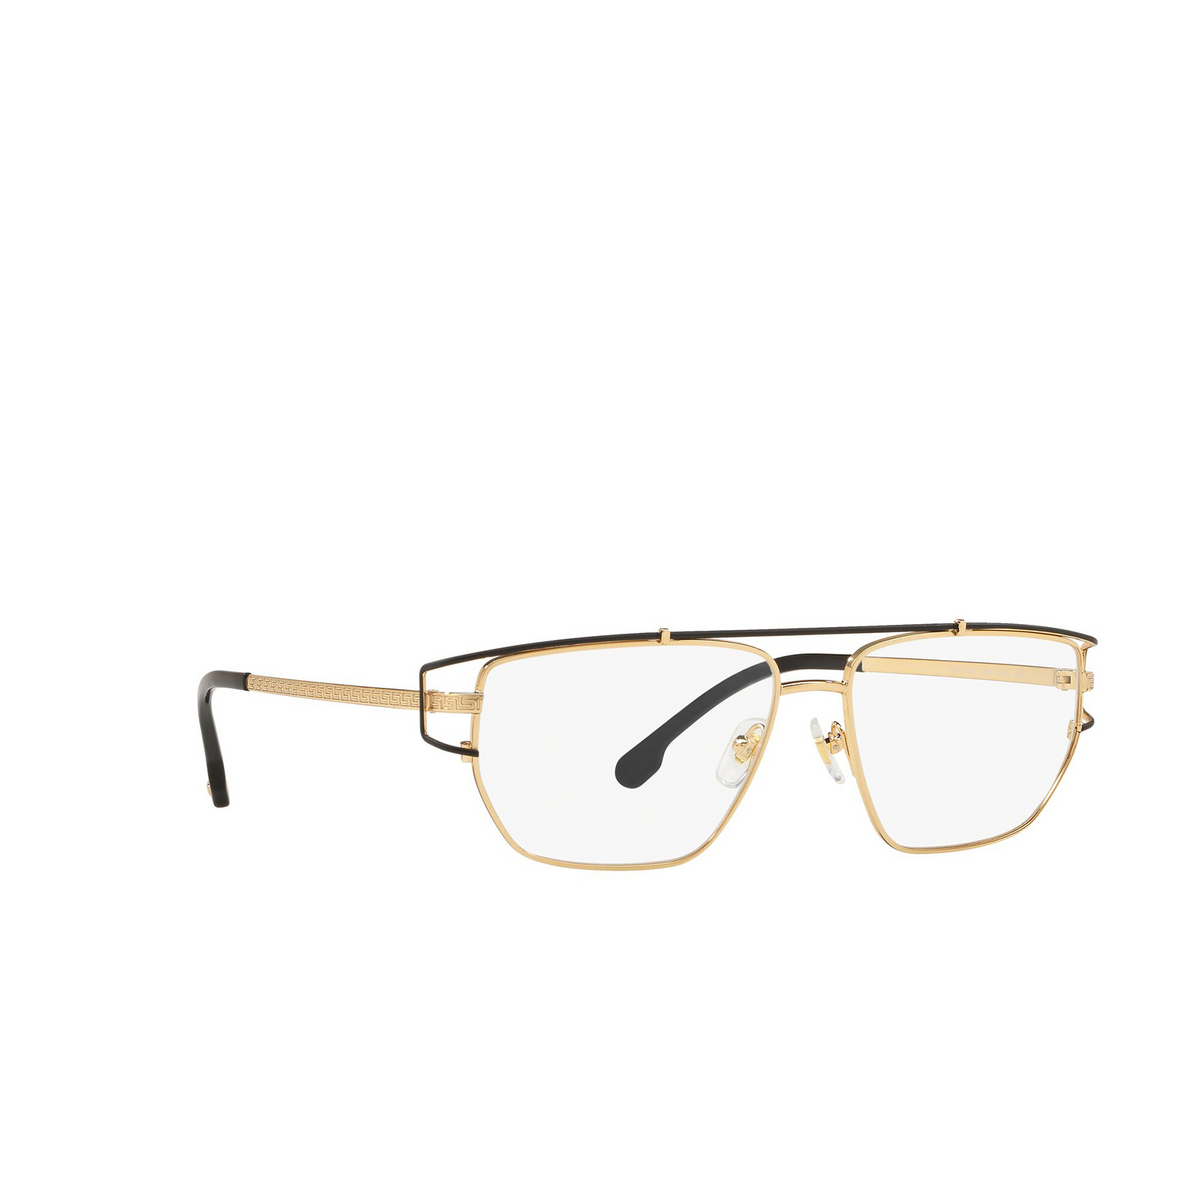 Versace® Irregular Eyeglasses: VE1257 color Gold / Black 1436.